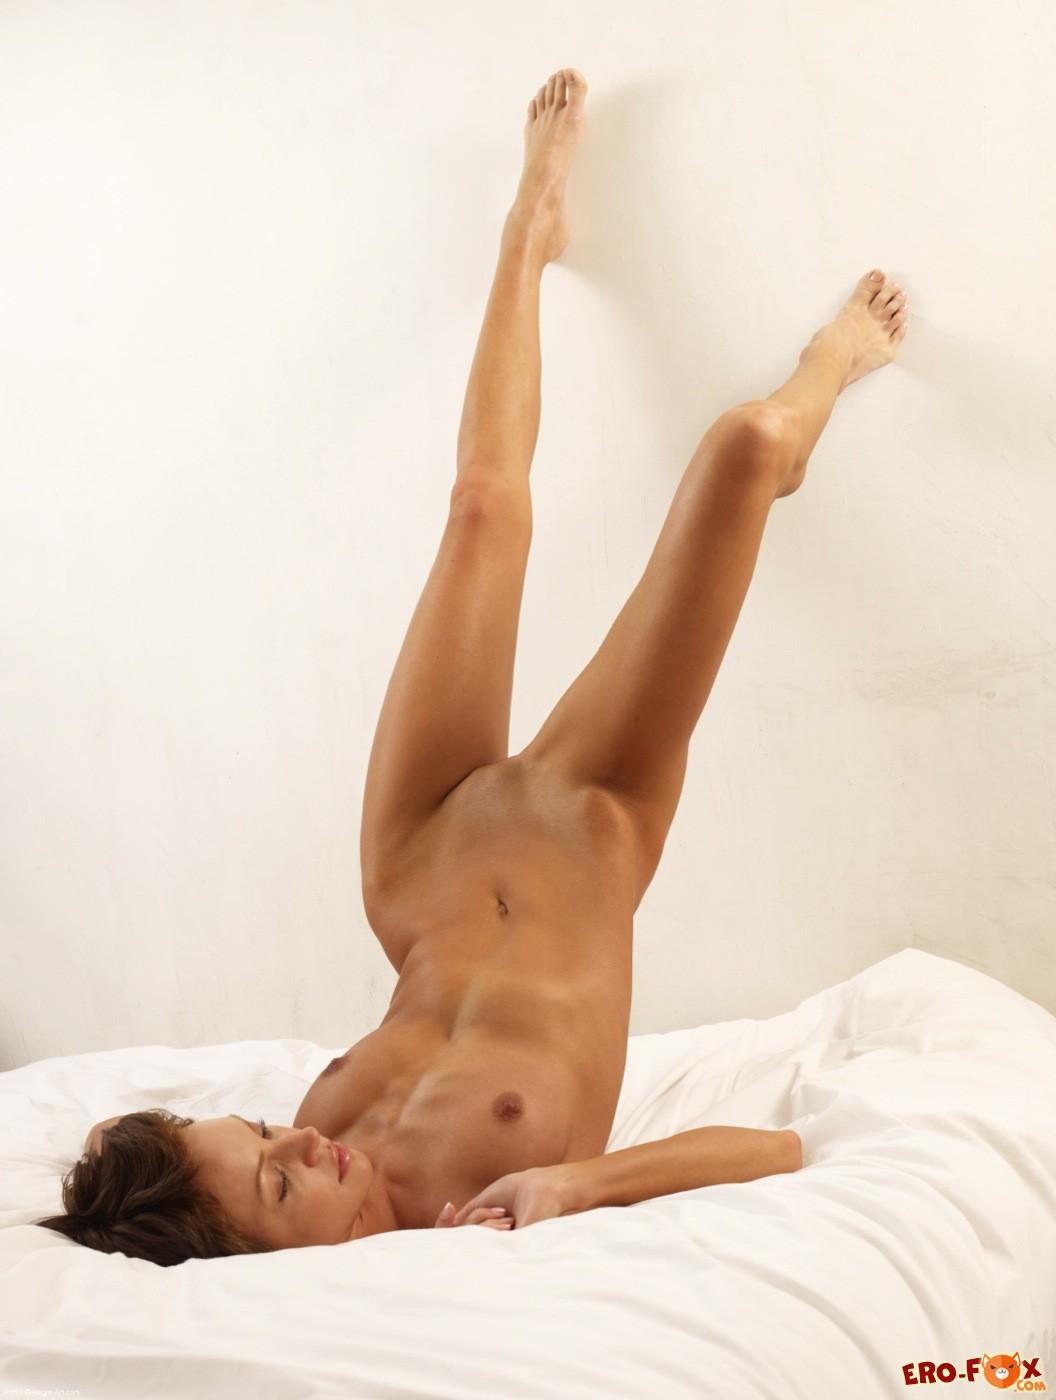 Худая голая девушка с короткой стрижкой - фото